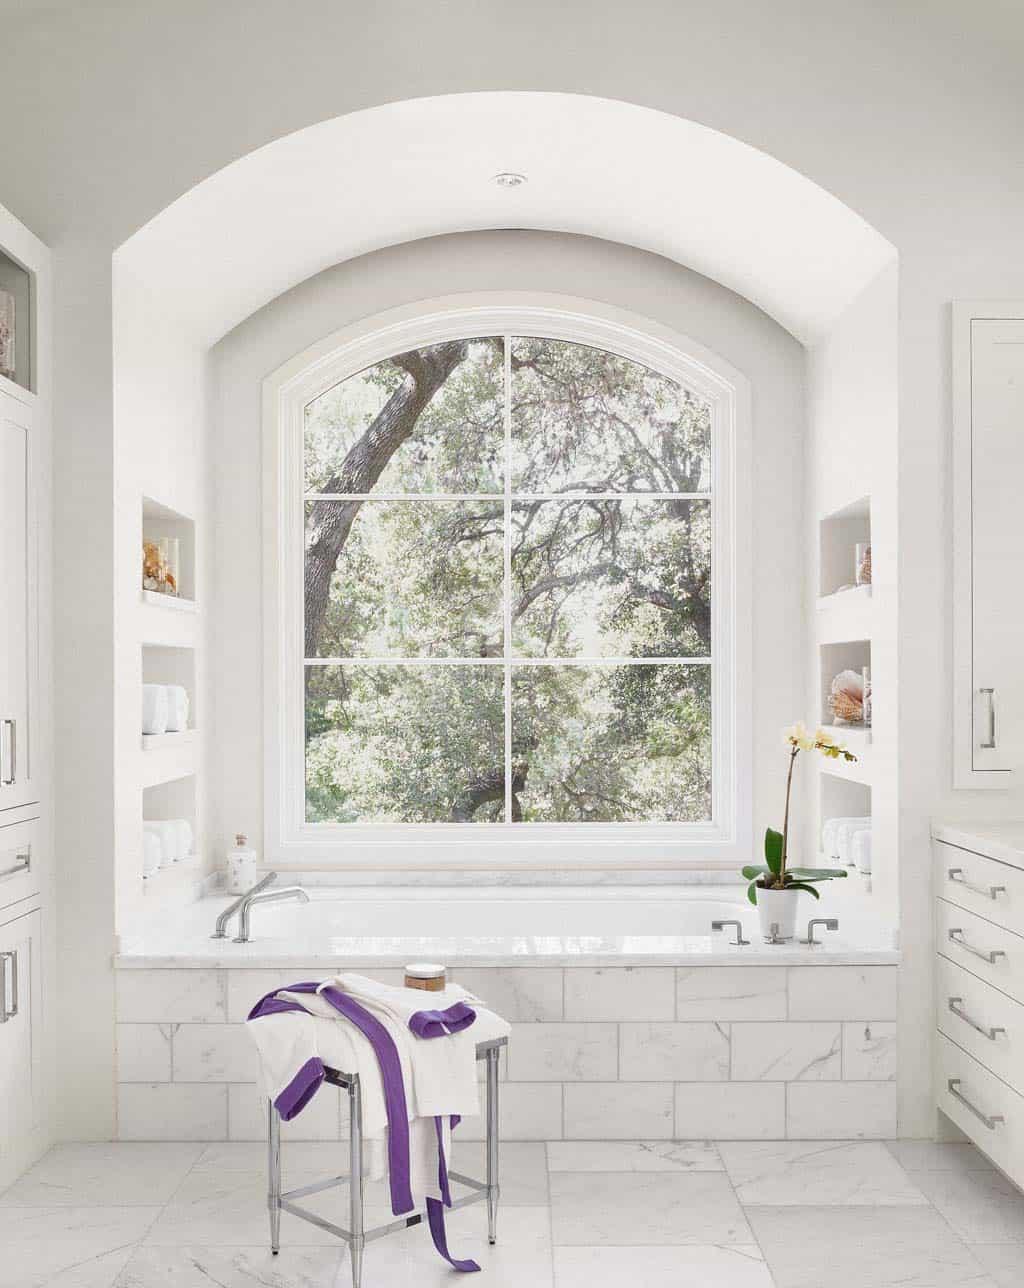 Rustic Modern Home-Mark Ashby Design-12-1 Kindesign